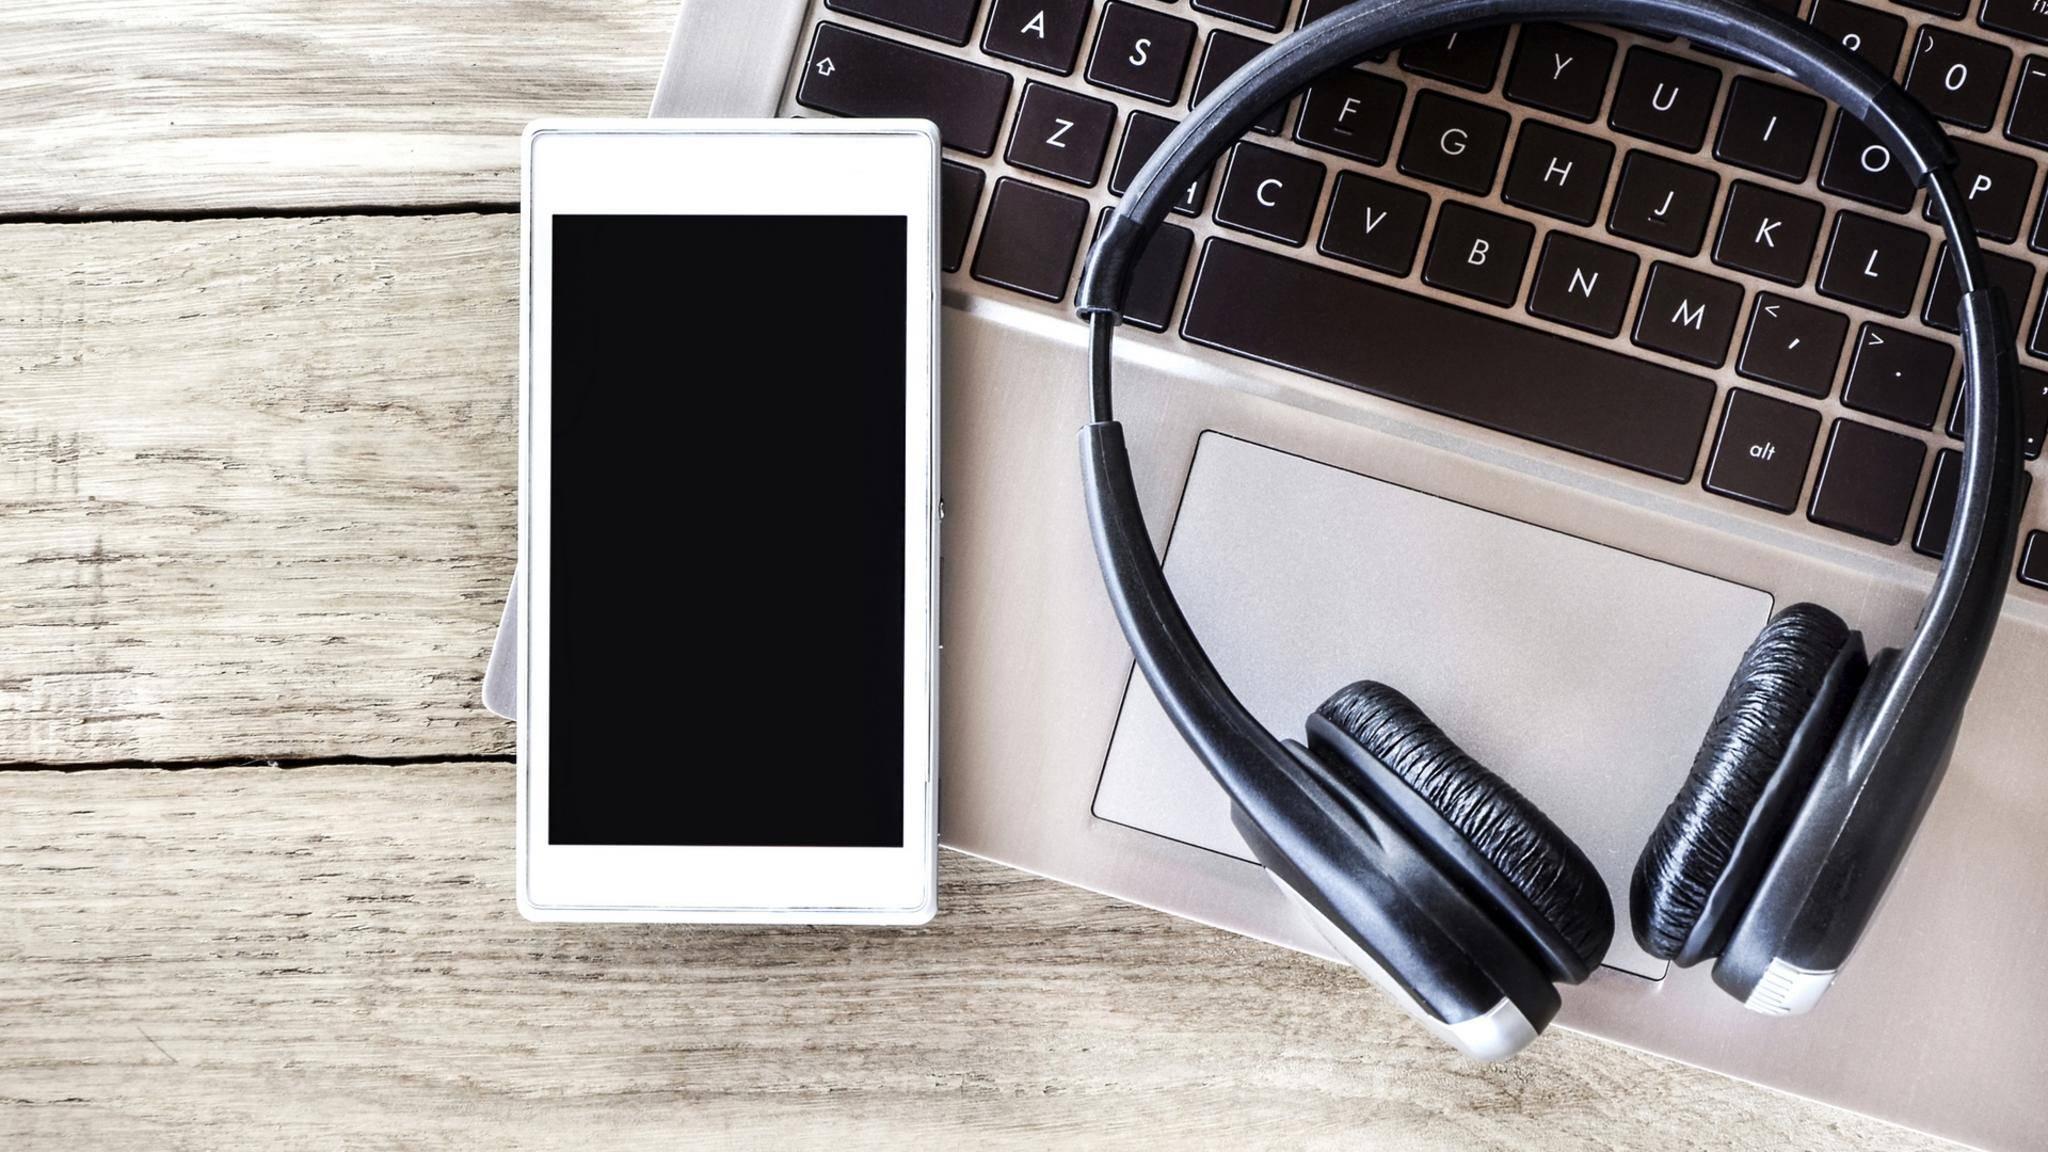 Der Bluetooth-Kopfhörer will sich nicht mit dem Smartphone verbinden? Wir wissen Rat!